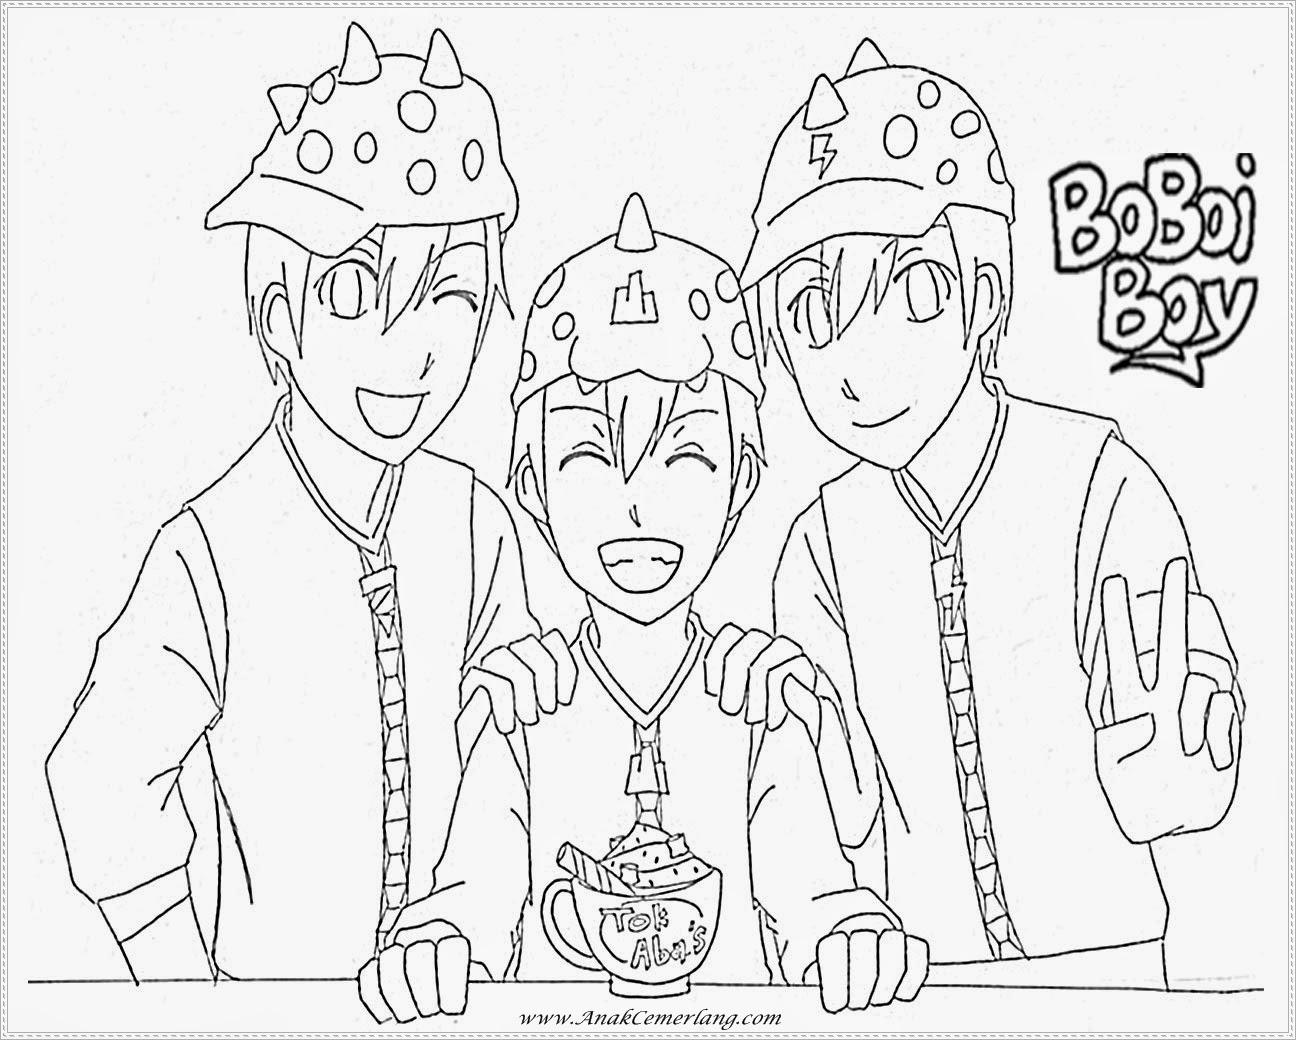 Gambar Lukisan Kartun Boboiboy Brad Erva Doce Info